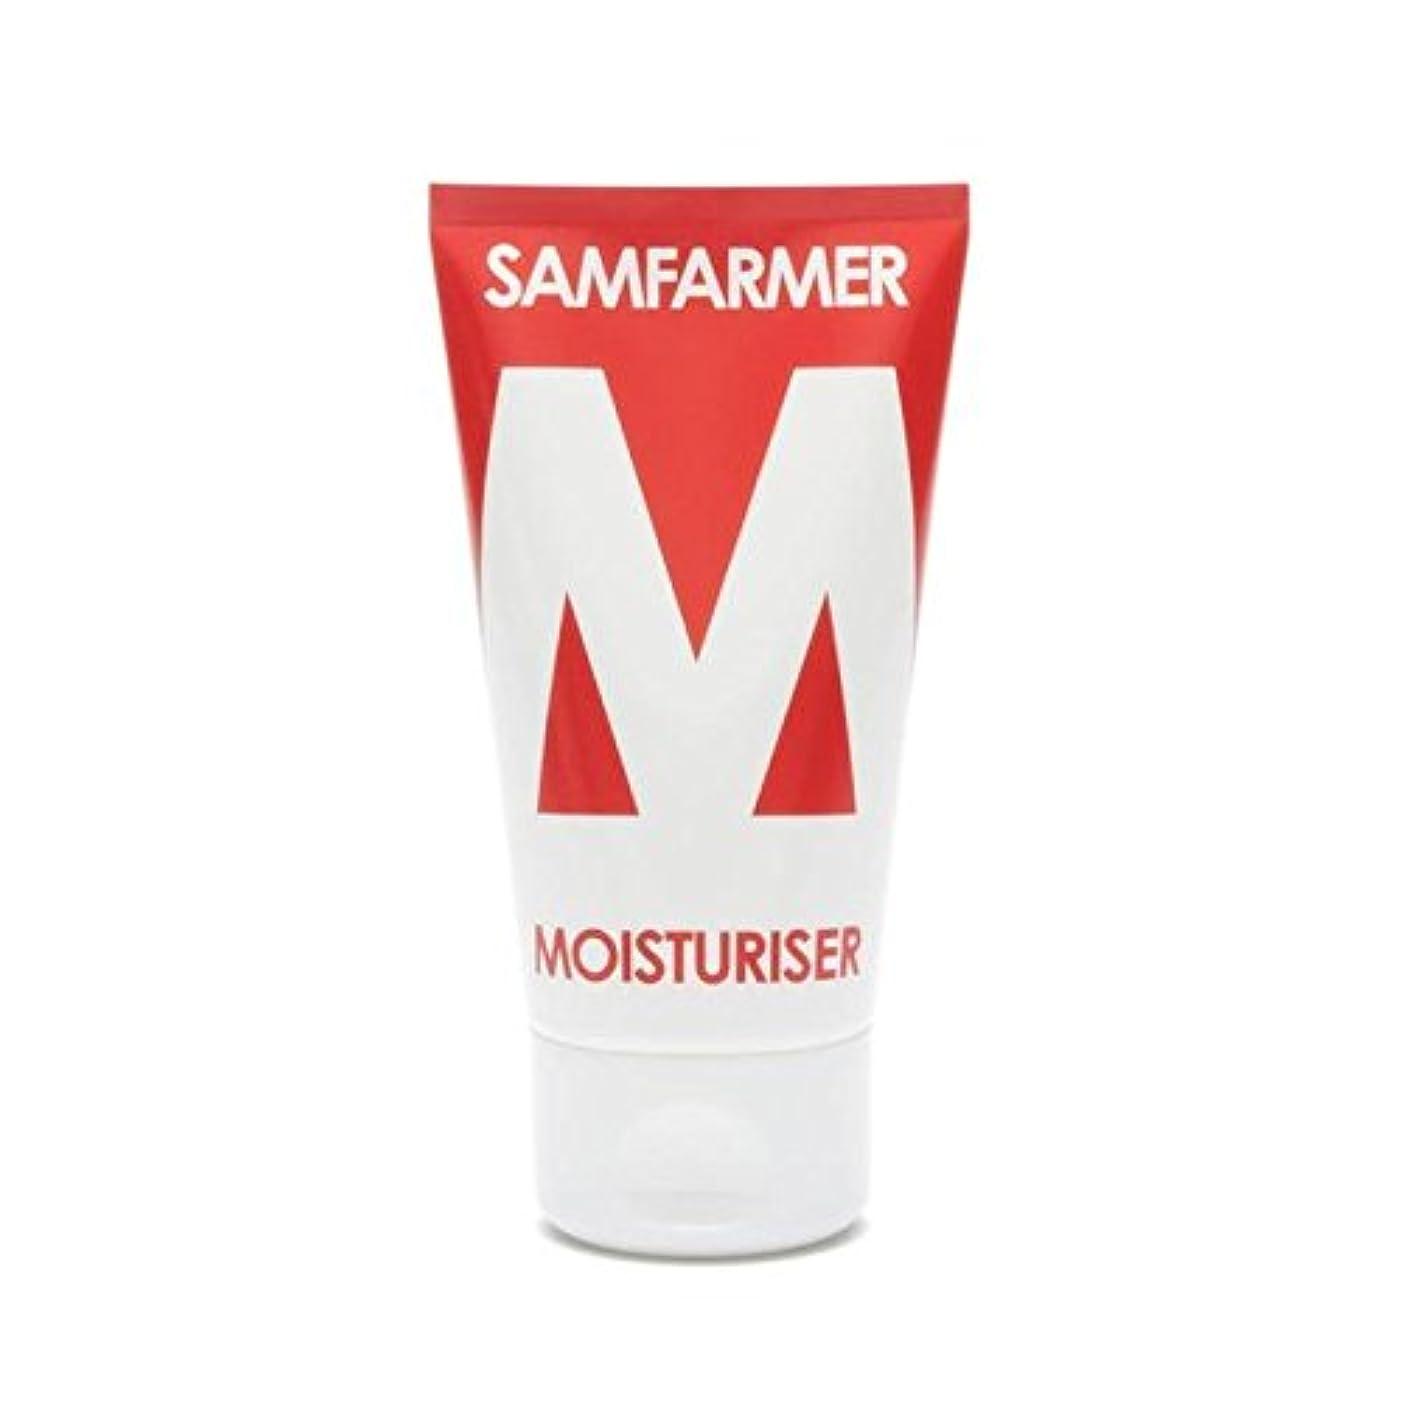 雑品ミュウミュウ満員ユニセックス保湿50ミリリットル x2 - SAMFARMER Unisex Moisturiser 50ml (Pack of 2) [並行輸入品]